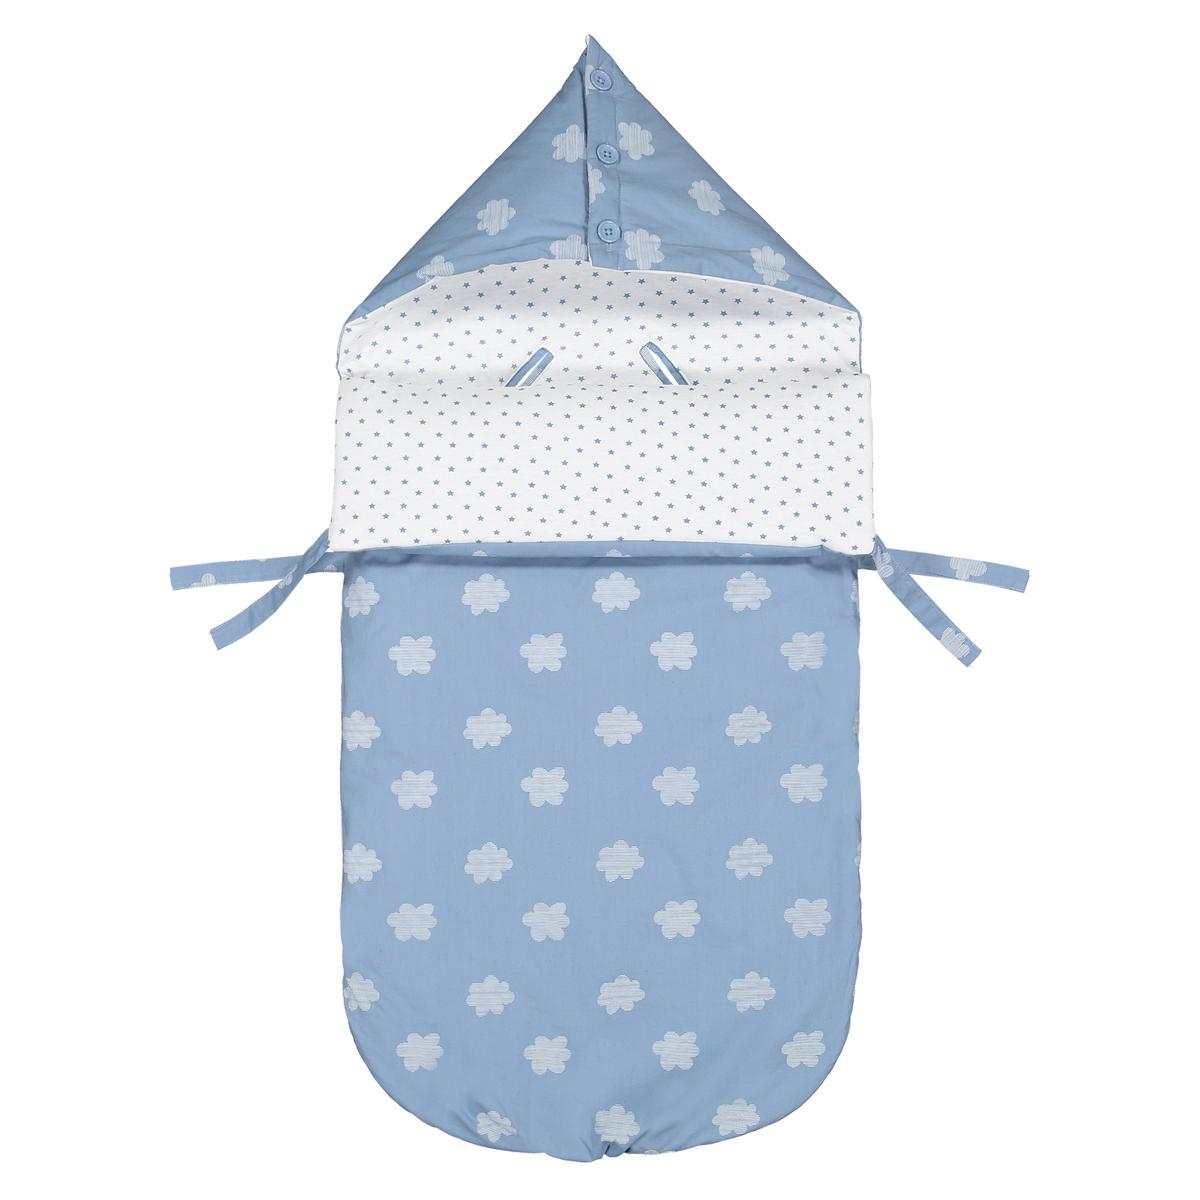 Конверт La Redoute Для новорожденных с капюшоном и рисунком единый размер синий джемпер для новорожденных babyglory superstar цвет синий ss001 09 размер 92